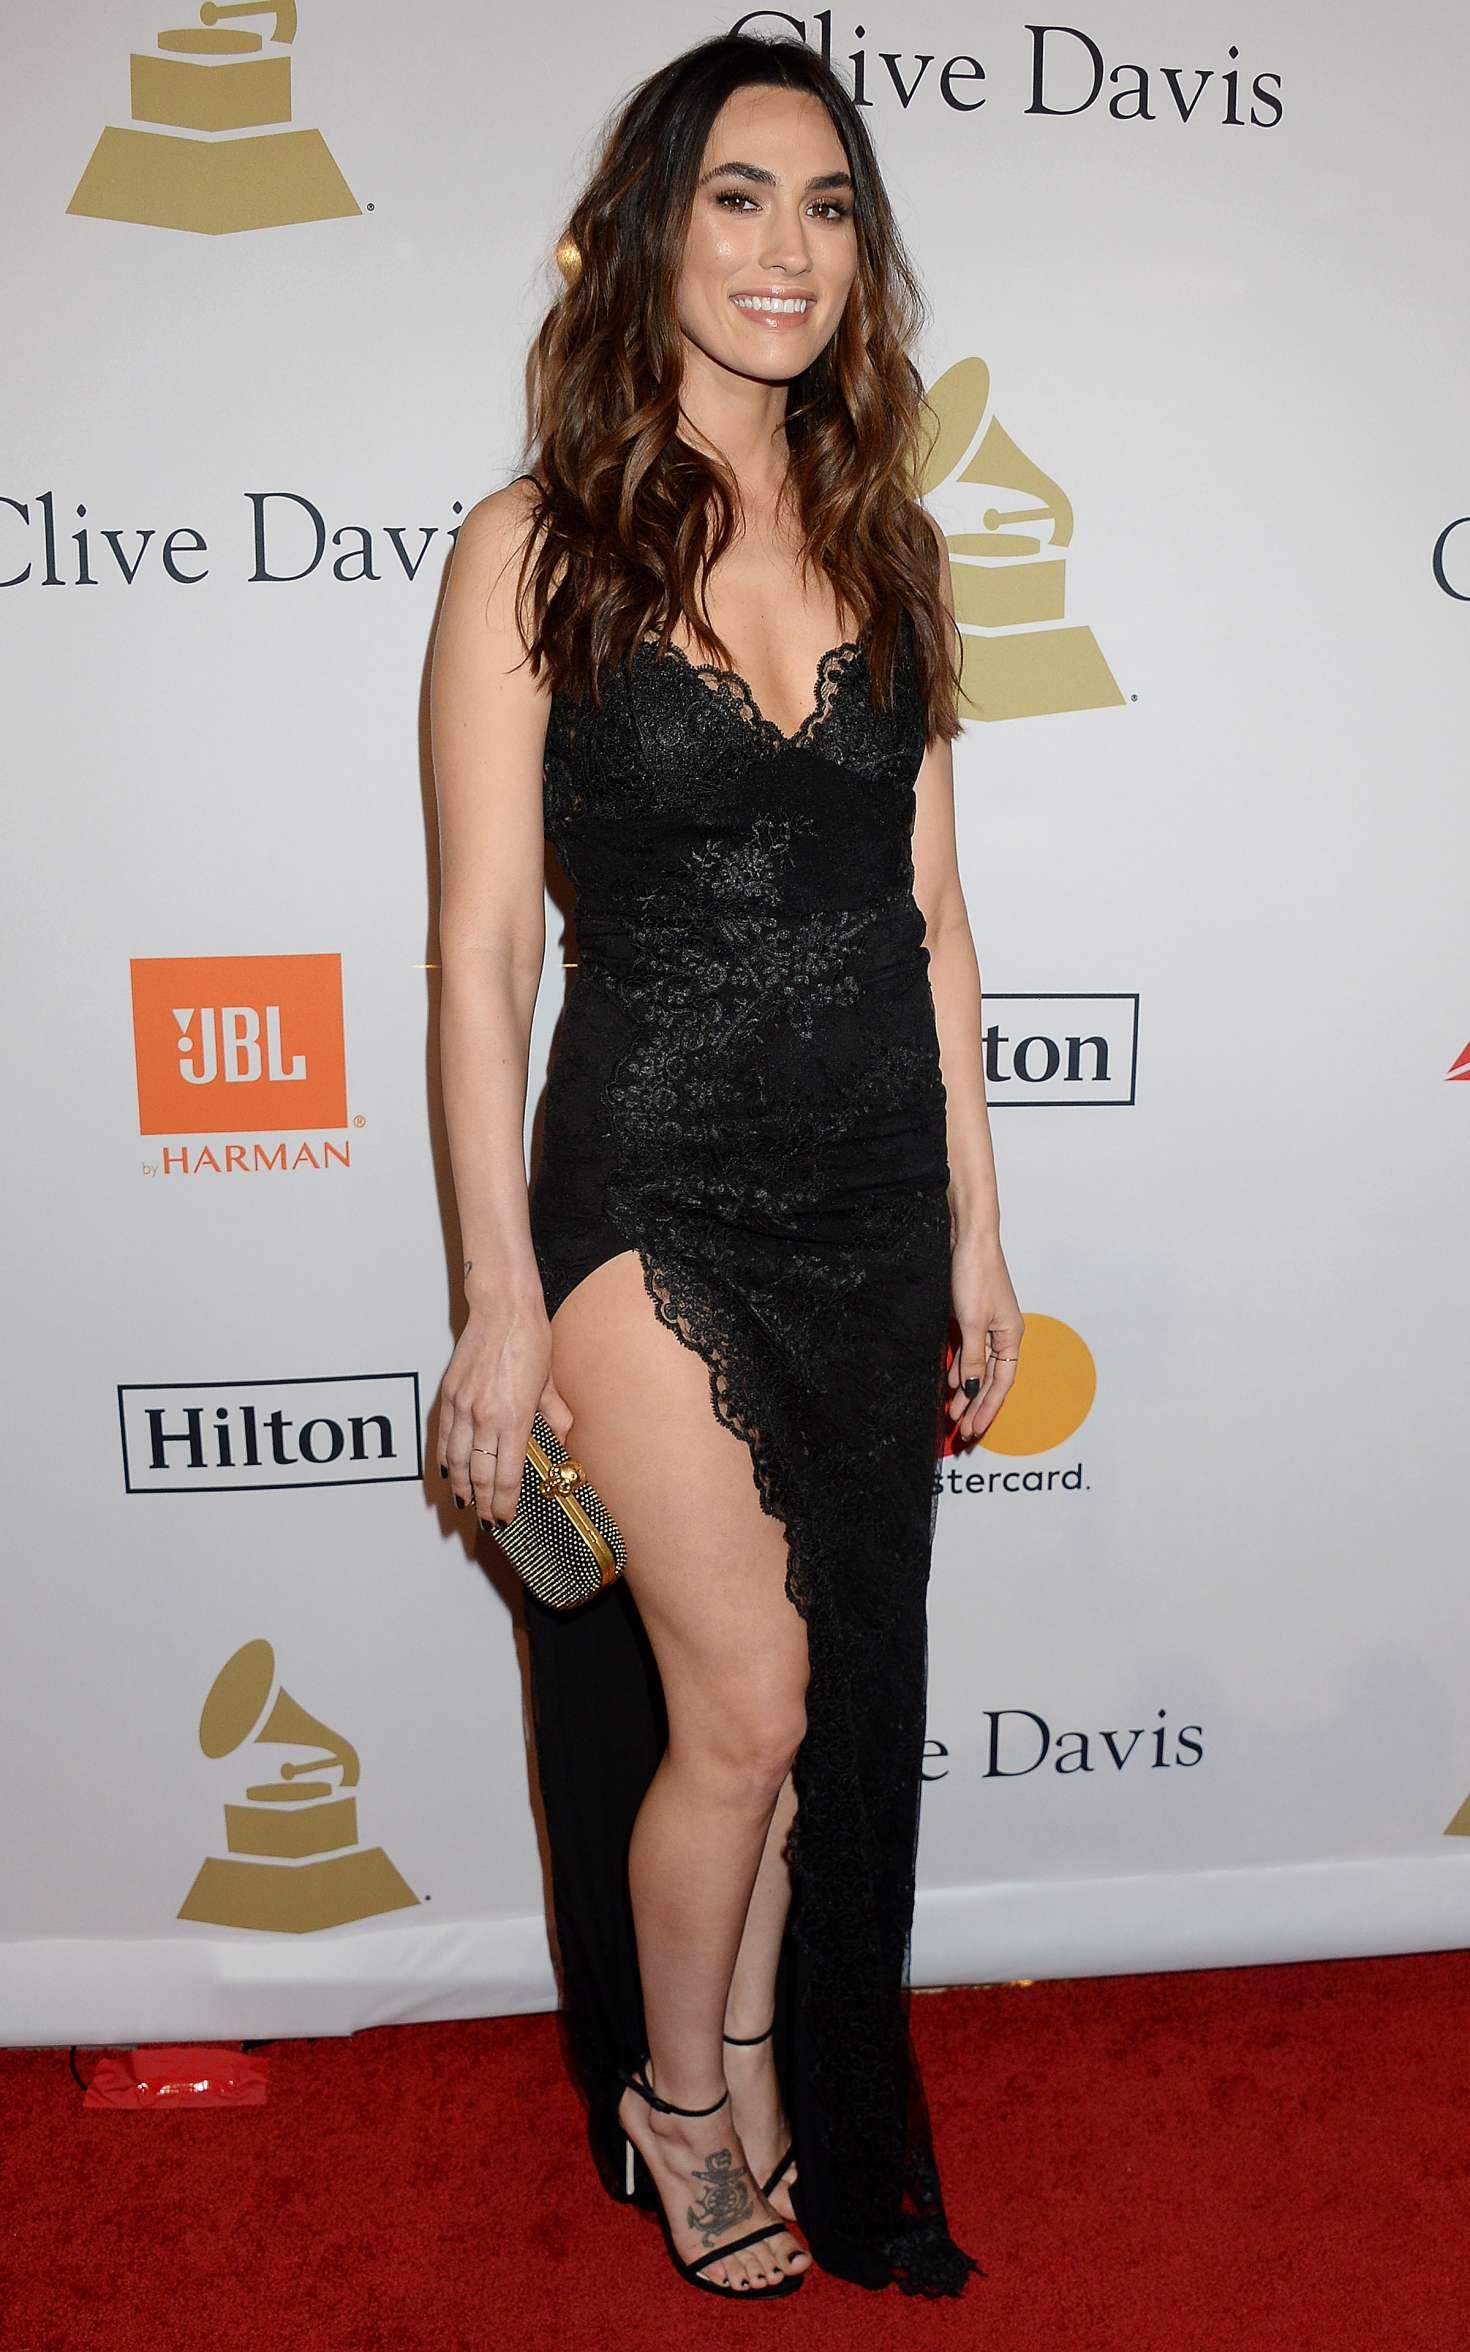 Meagan Camper - Clive Davis Pre-Grammy Party 2017 in Los Angeles